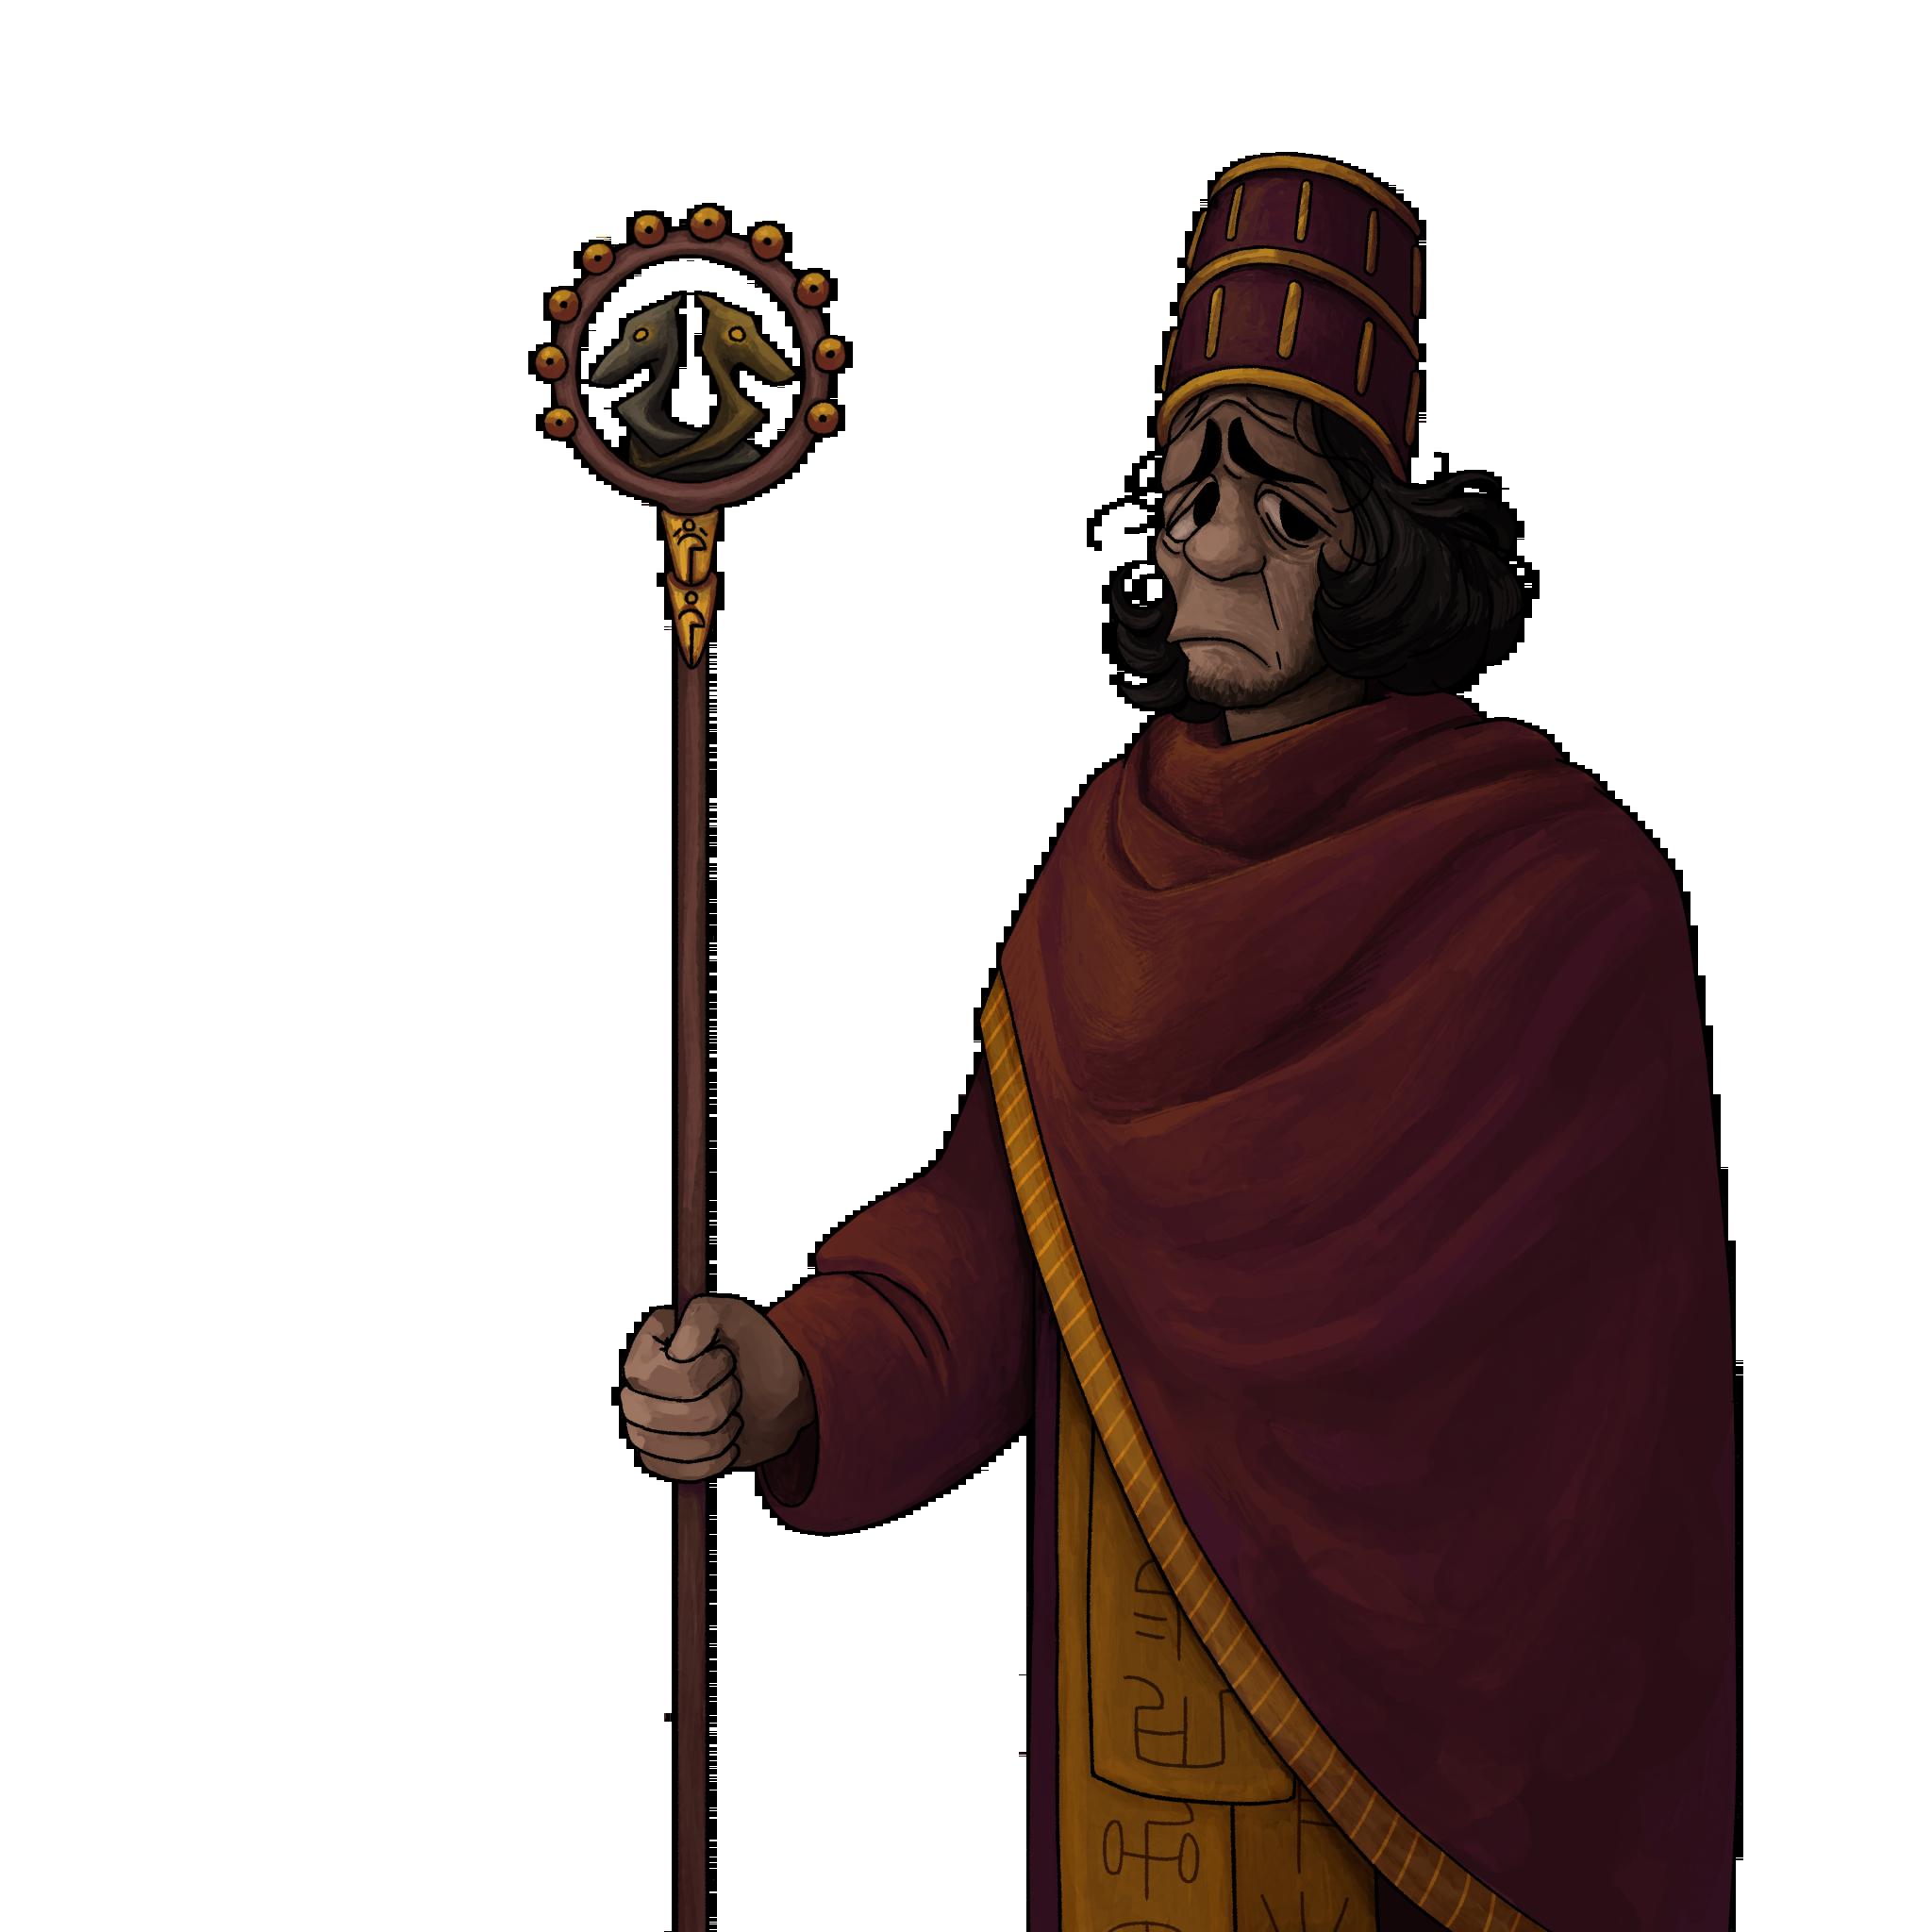 High priest - sad face